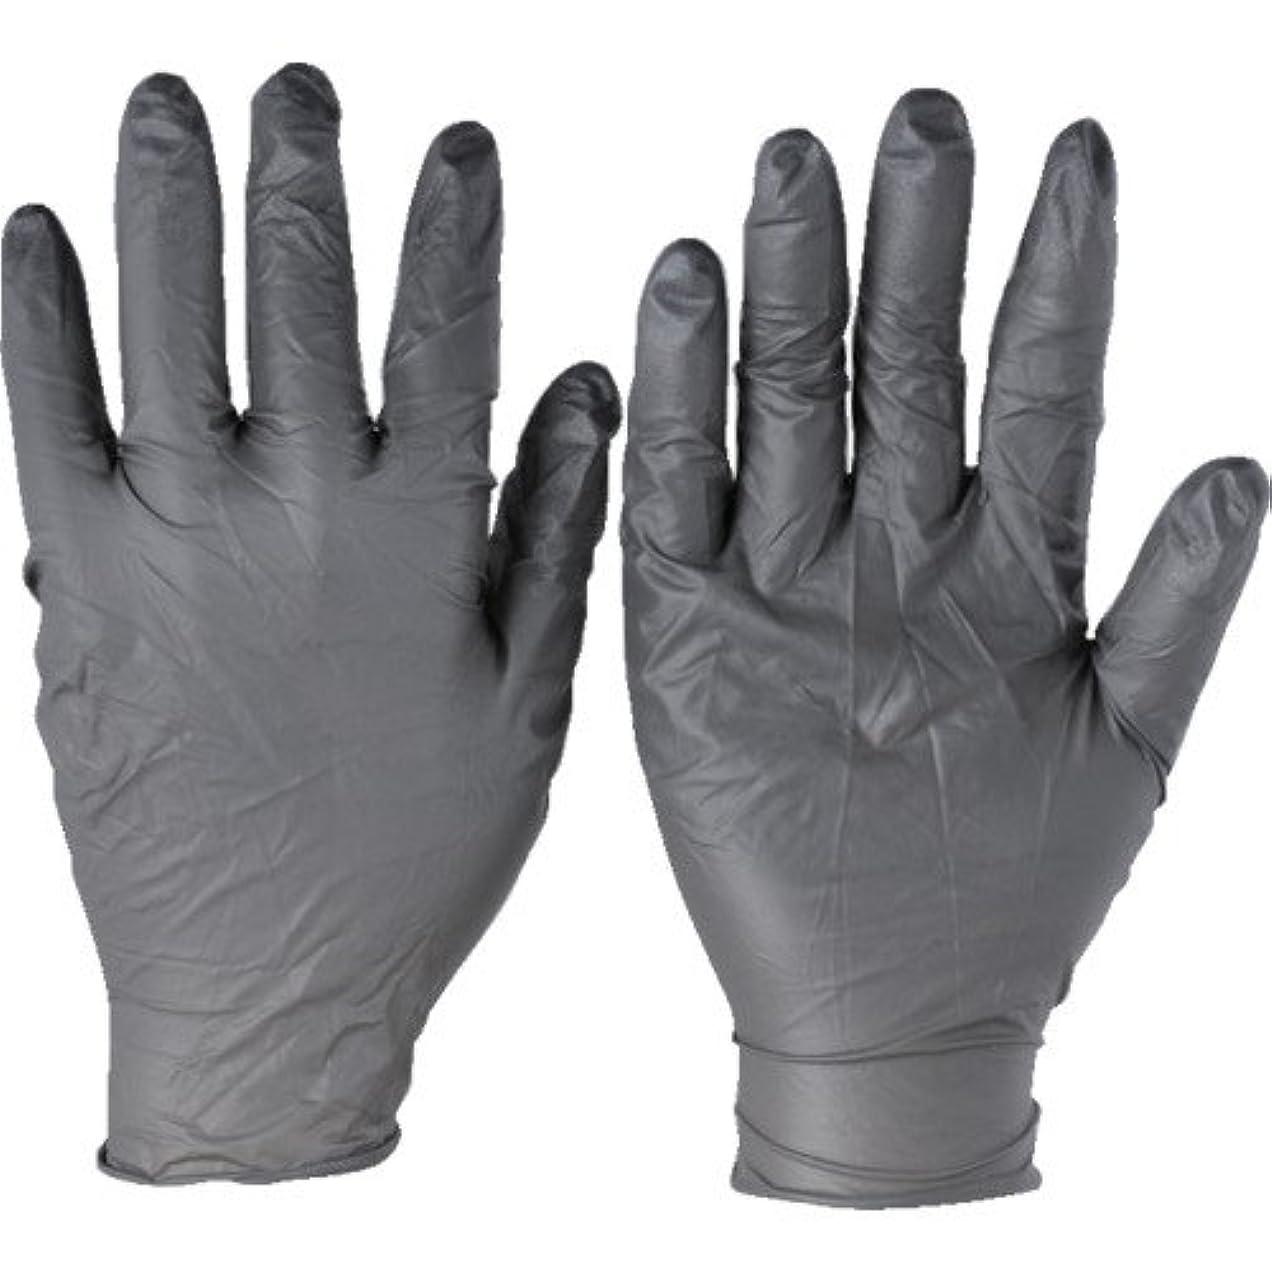 正しく保証金解説トラスコ中山 アンセル ニトリルゴム使い捨て手袋 タッチエヌタフ 粉無 XLサイズ100枚入 9325010